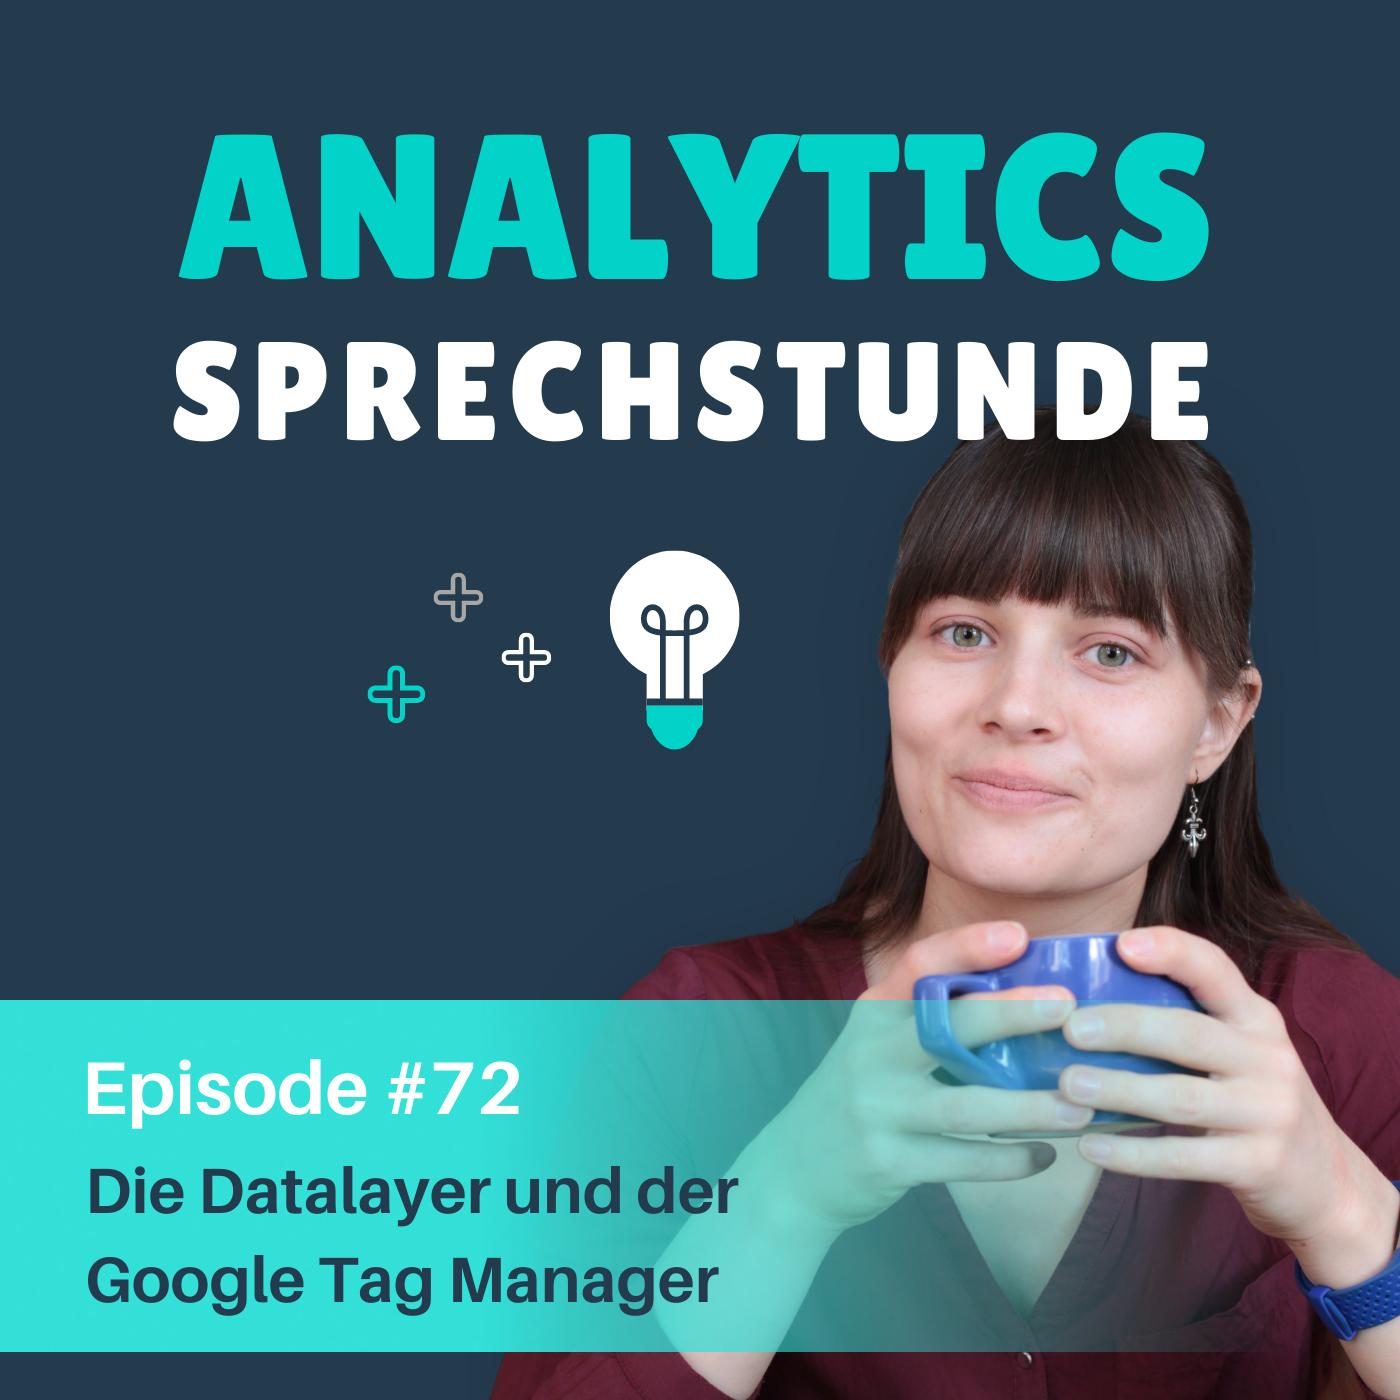 72 Die Datalayer und der Google Tag Manager